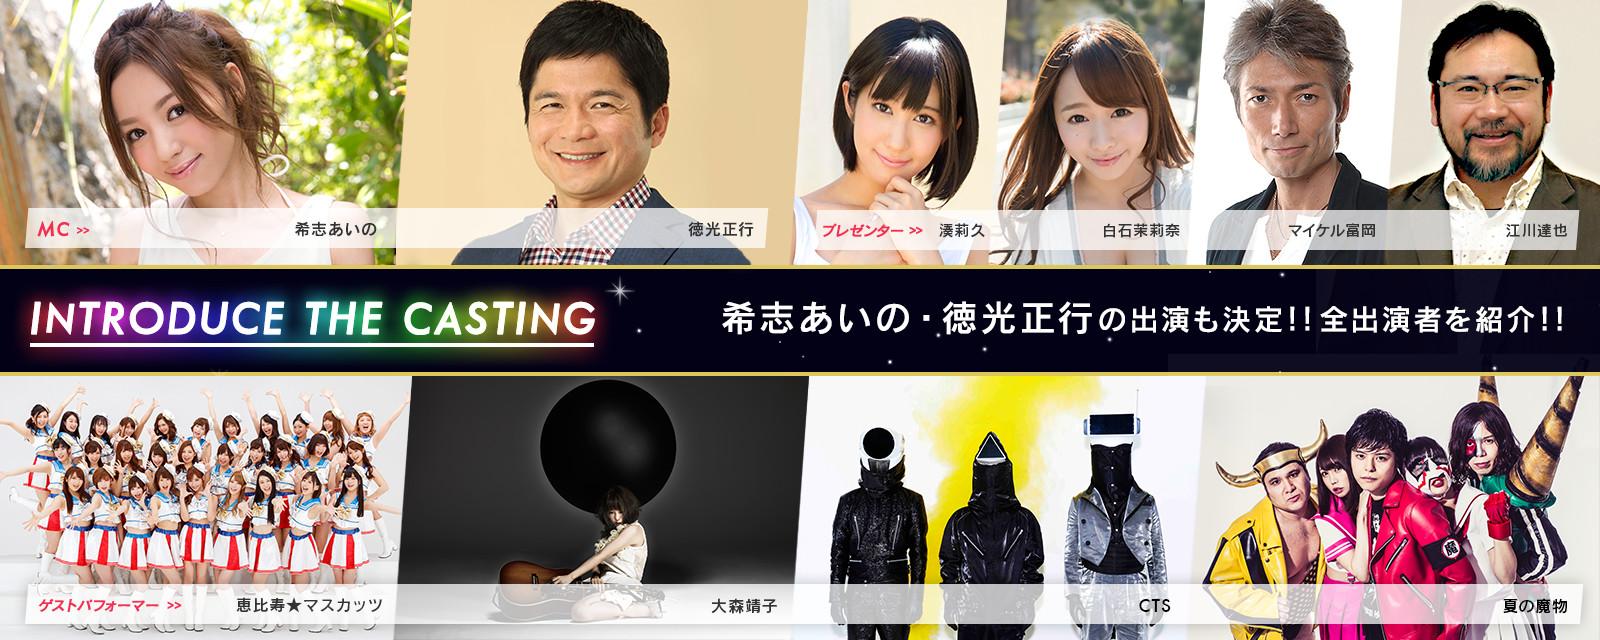 IntroducE the casting ���֤����Ρ��������Ԥνб����ꡪ�����б�Ԥ�Ҳ𡪡�t